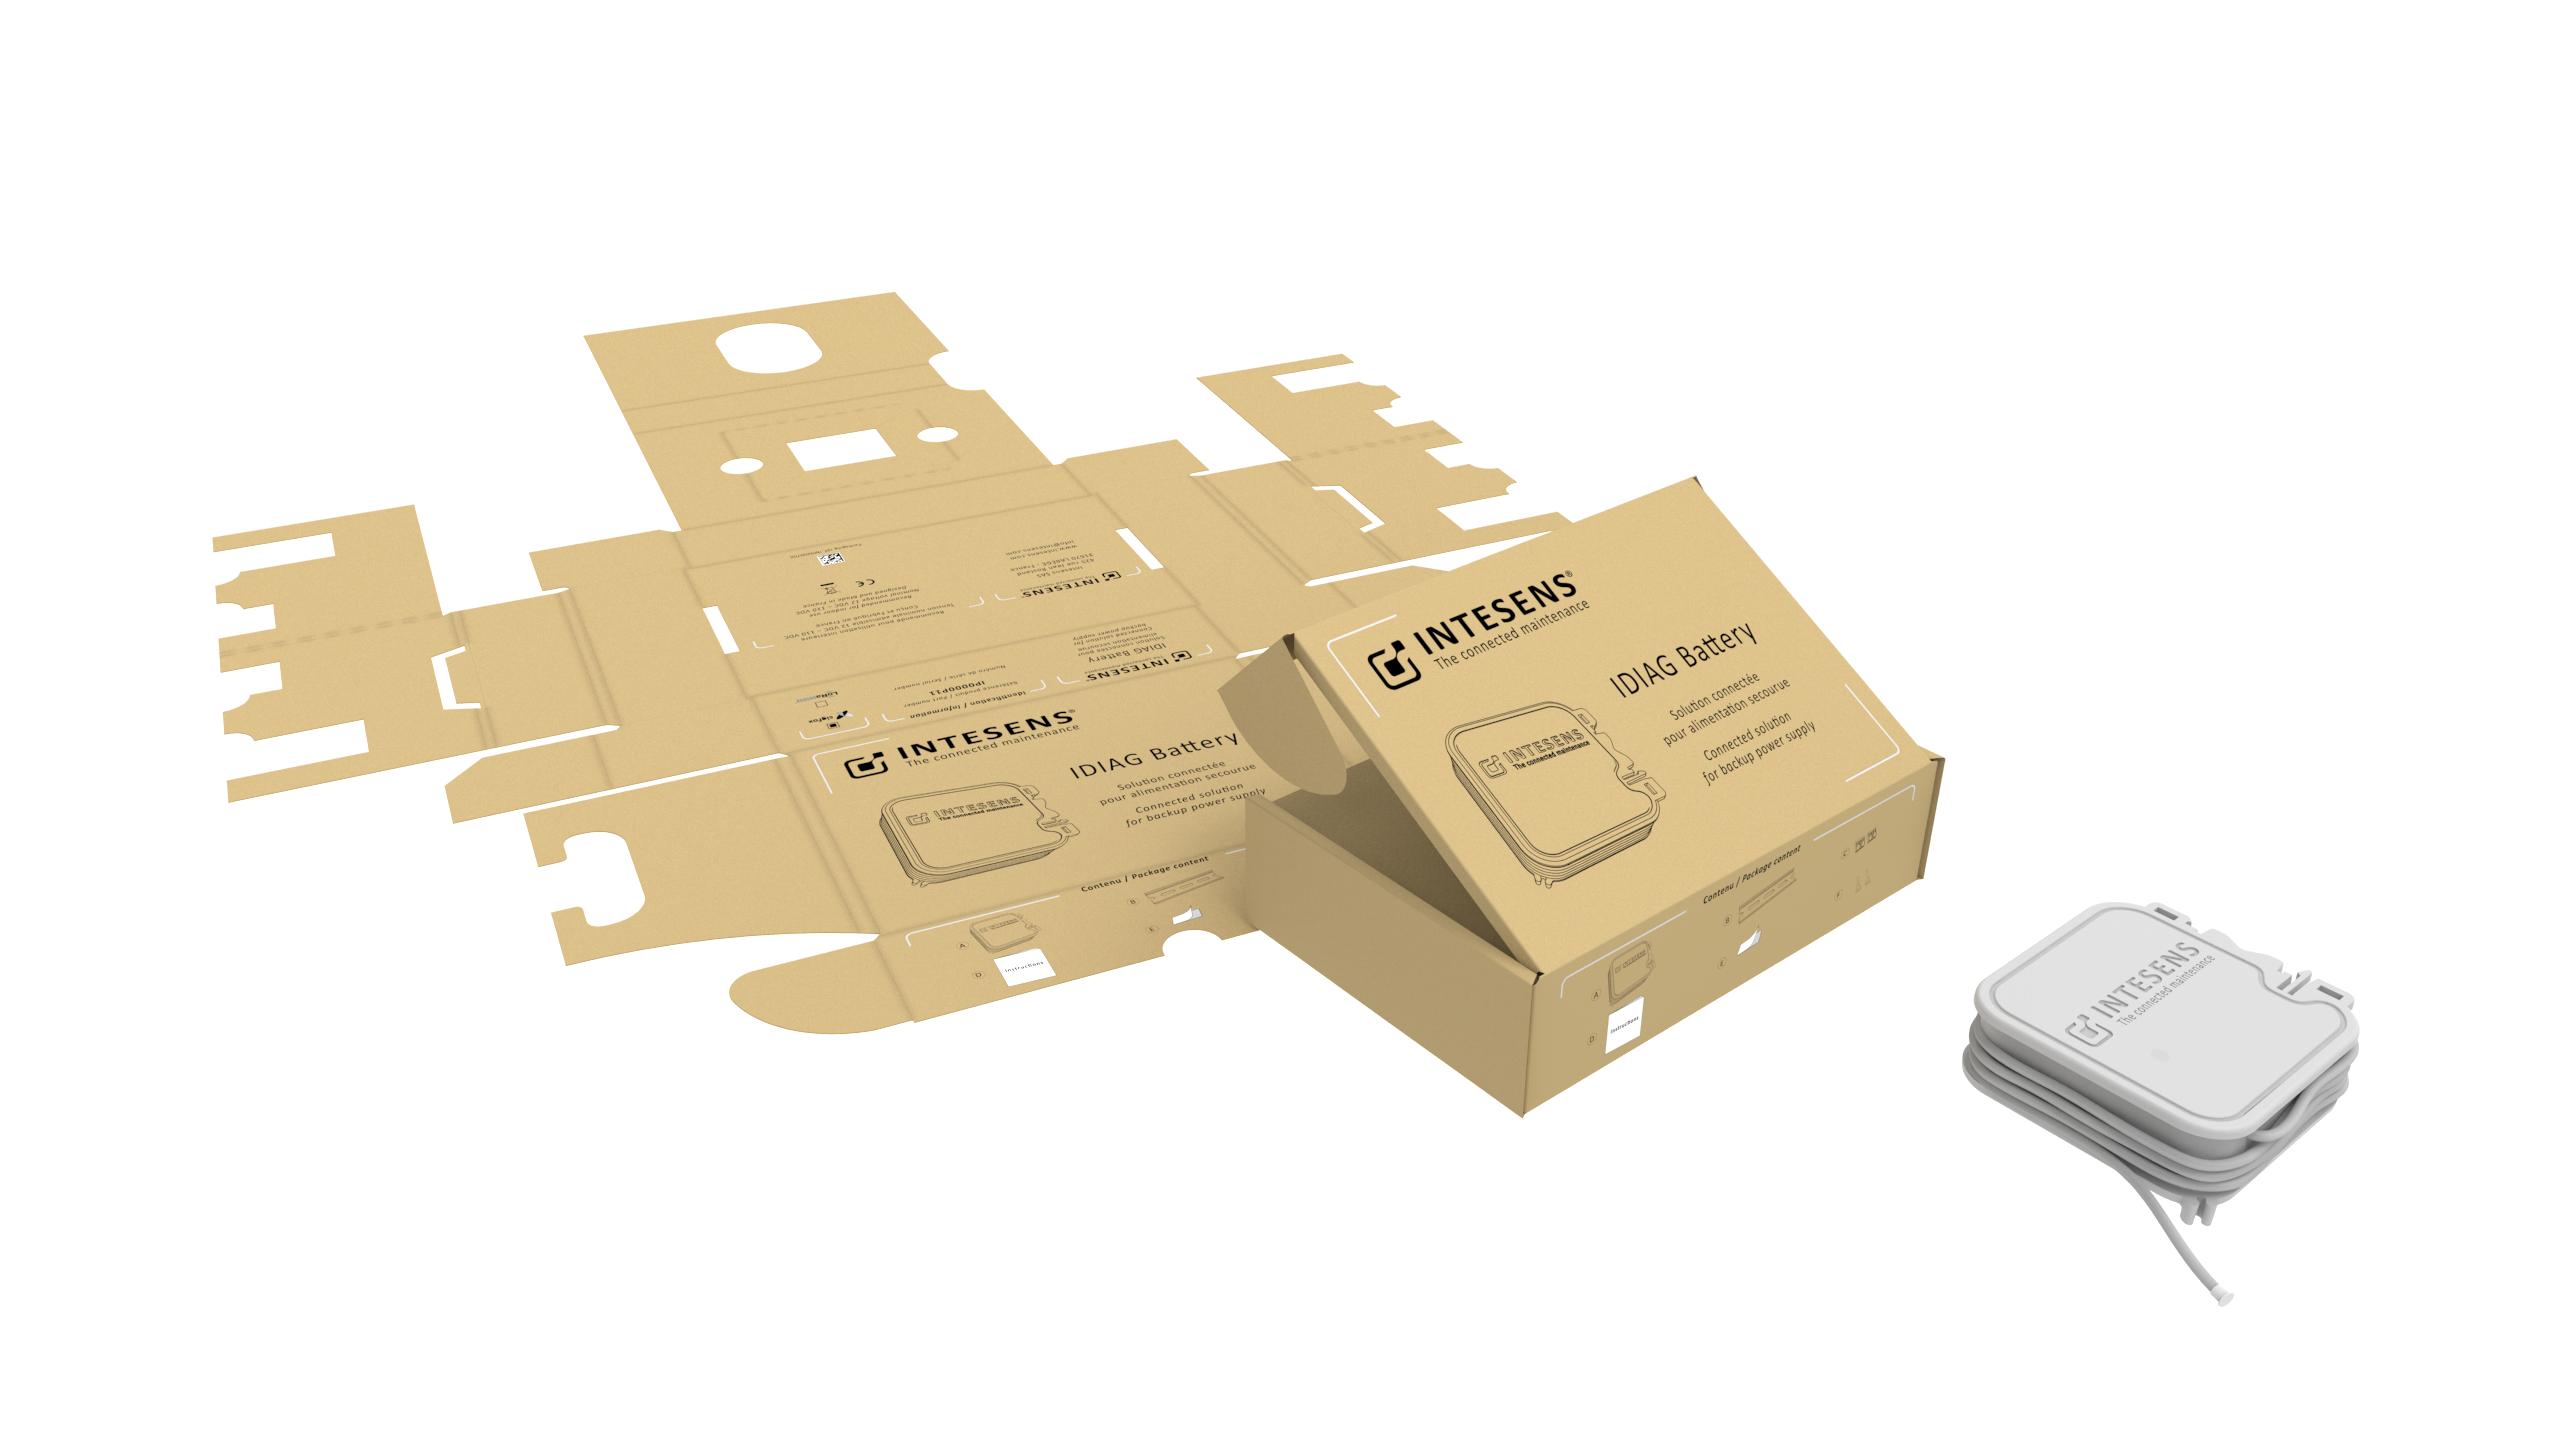 packaging boitier Intesens